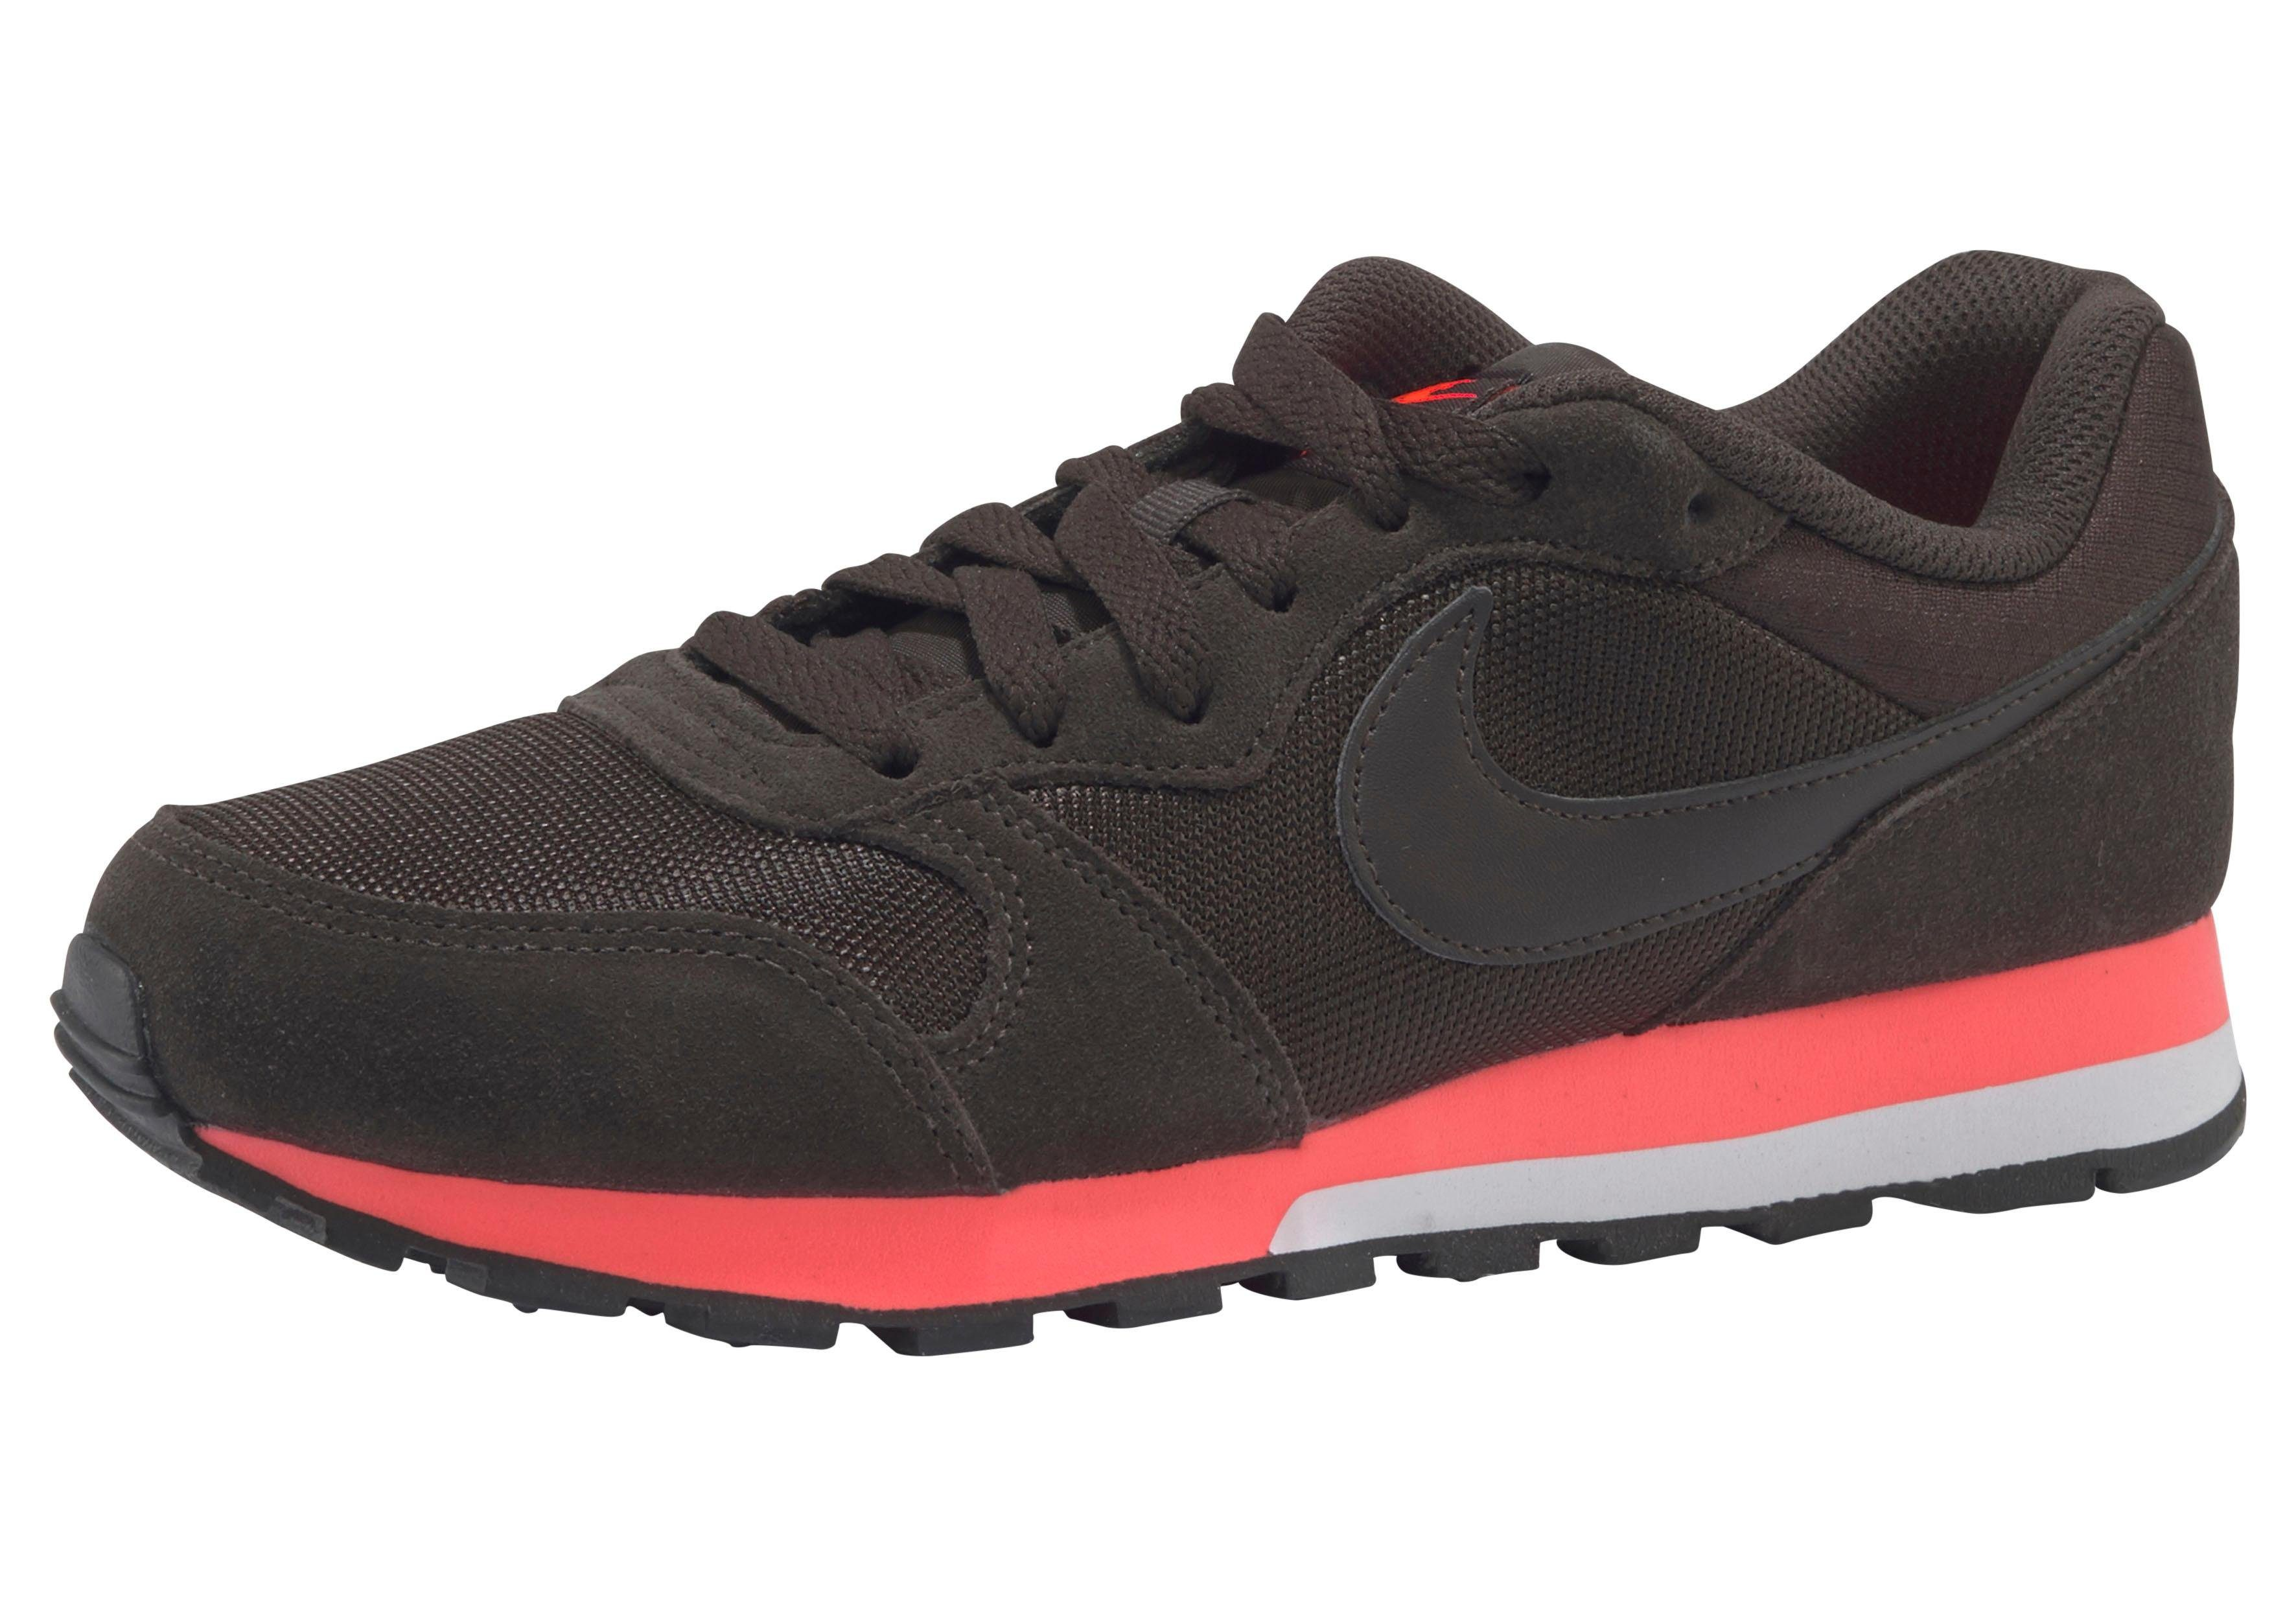 Nike Sportswear »Wmns MD Runner 2« Sneaker, Atmungsaktives Obermaterial aus Leder und Textil online kaufen | OTTO